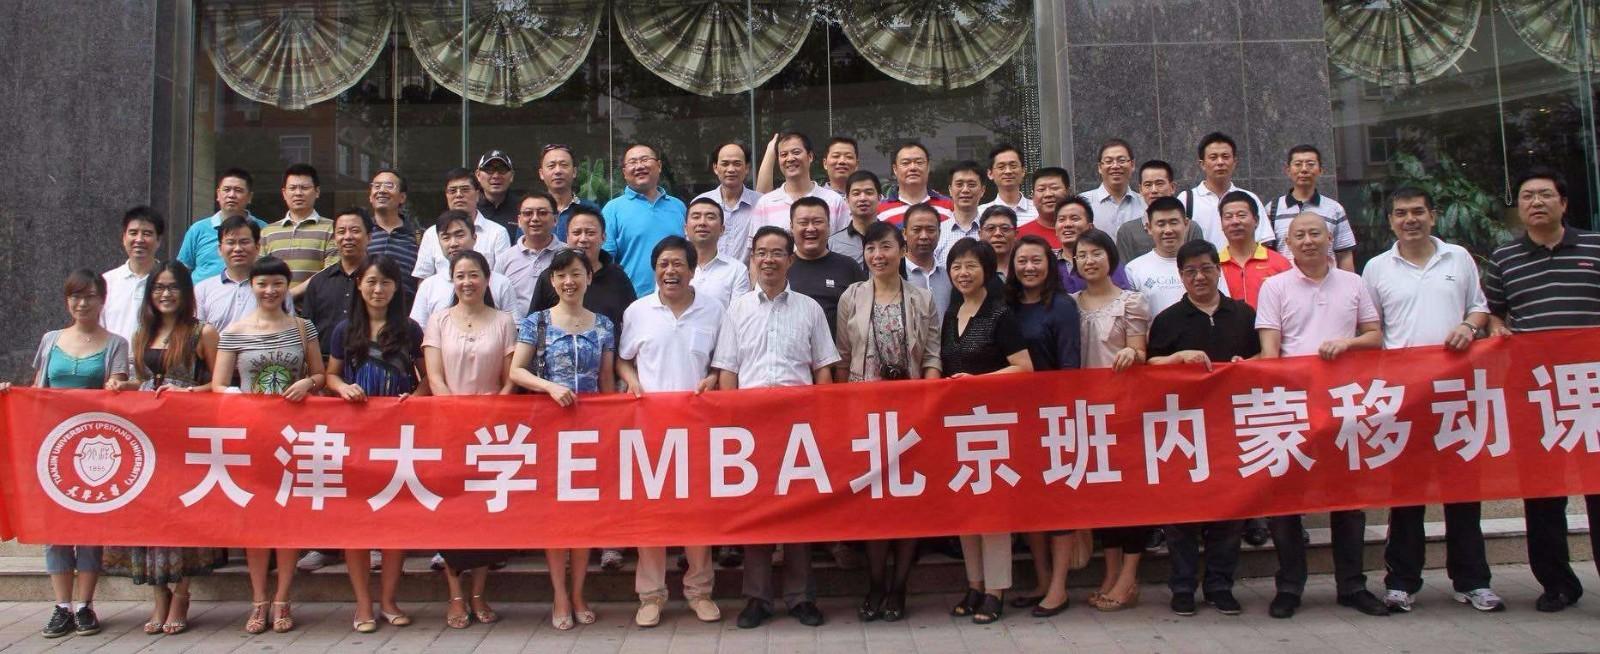 天津大学EMBA北京班内蒙移动课堂-天津大学EMBA北京班内蒙移动课堂